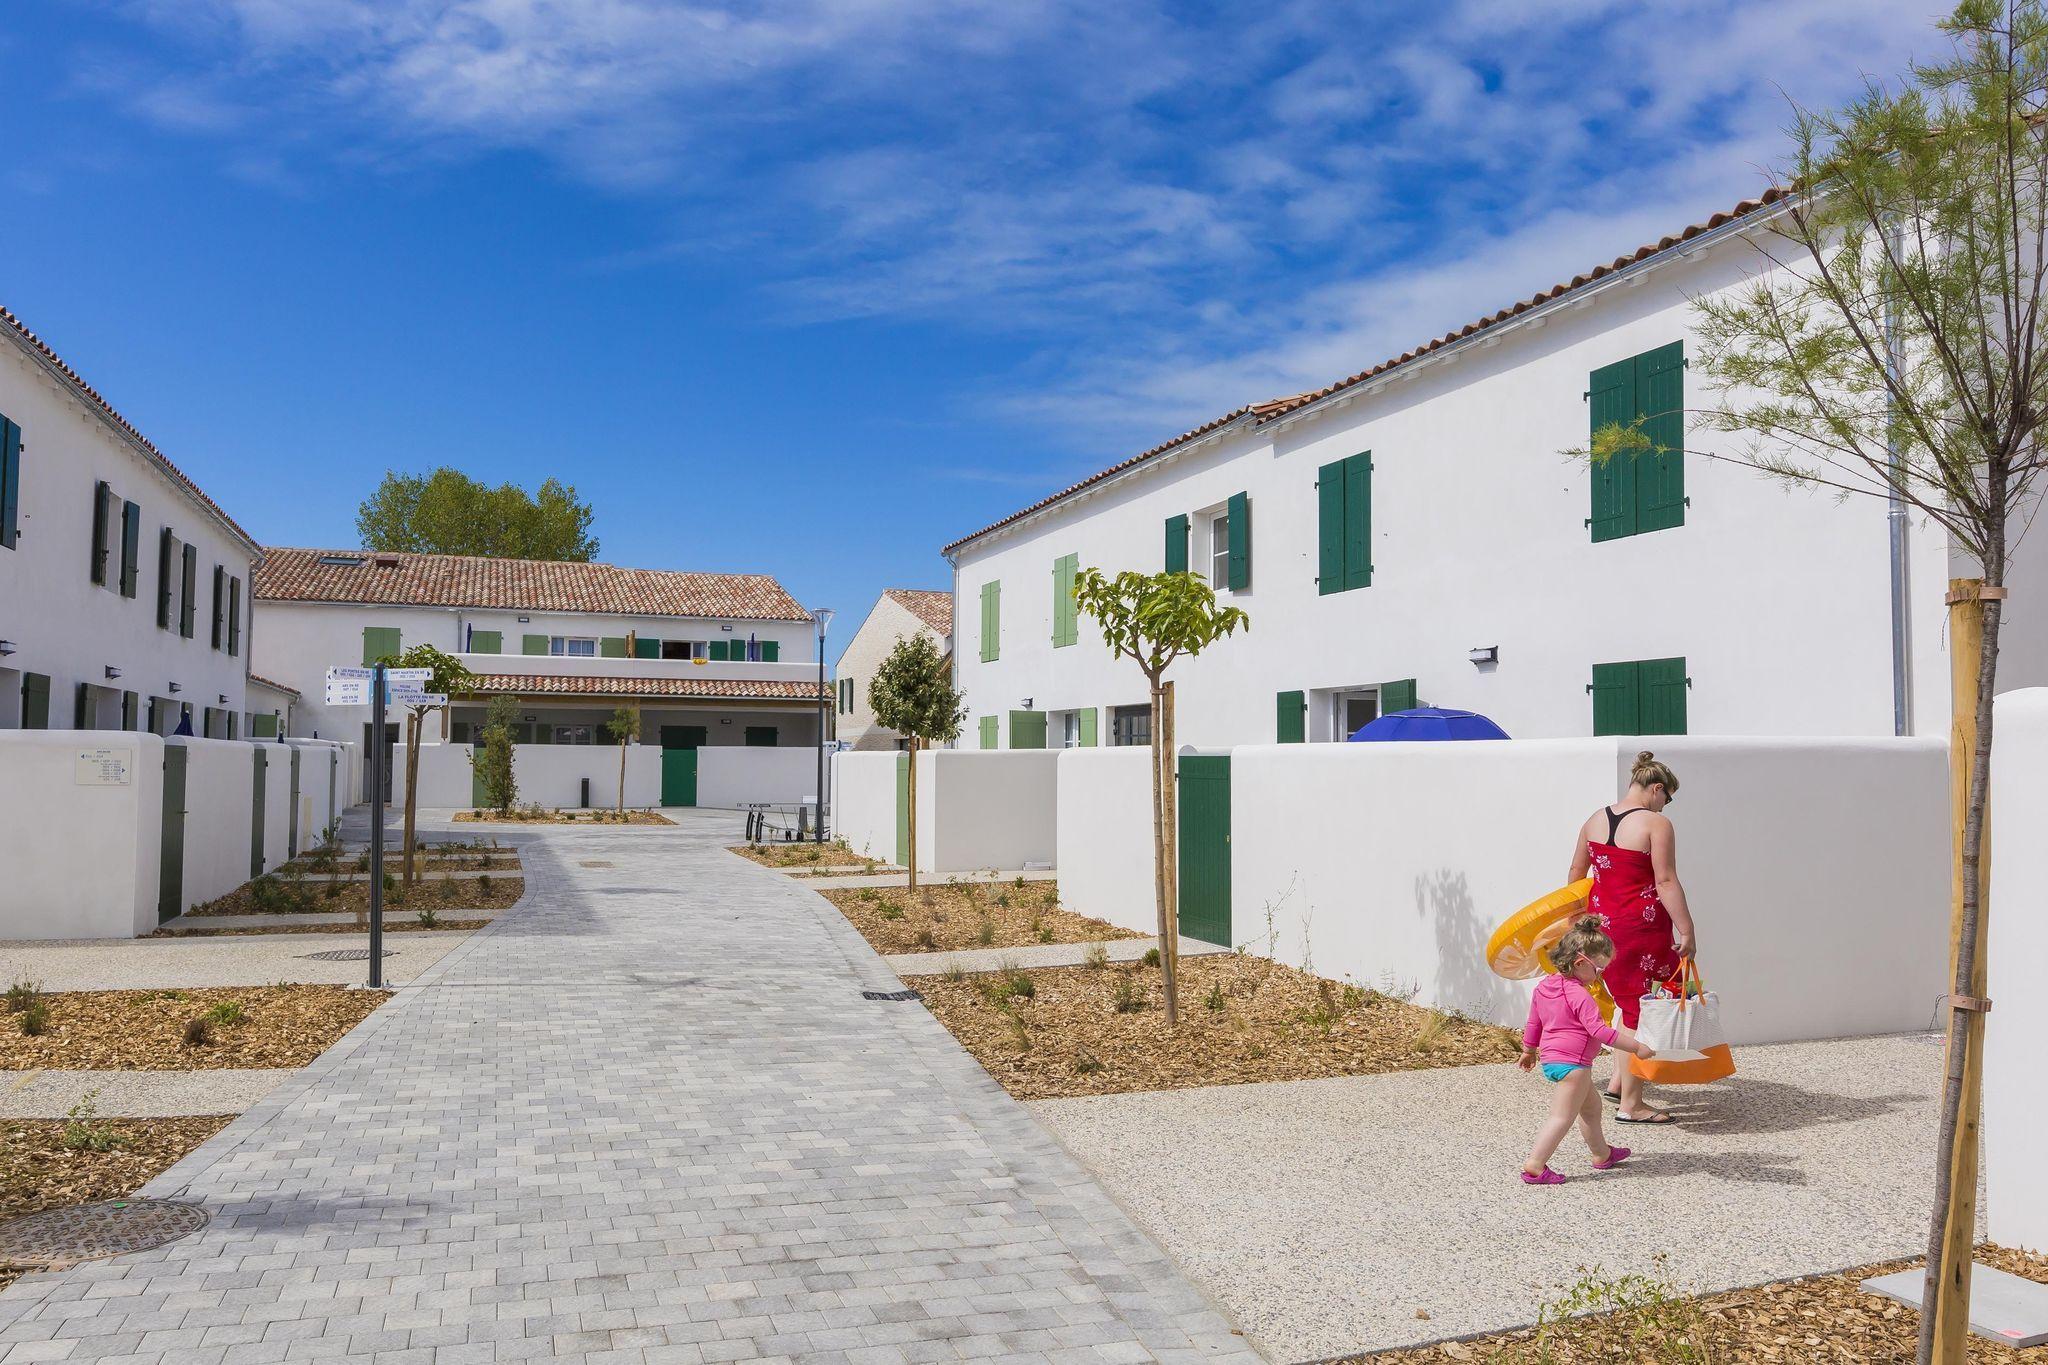 Vivienda en Rivedoux plage de 2 habitaciones